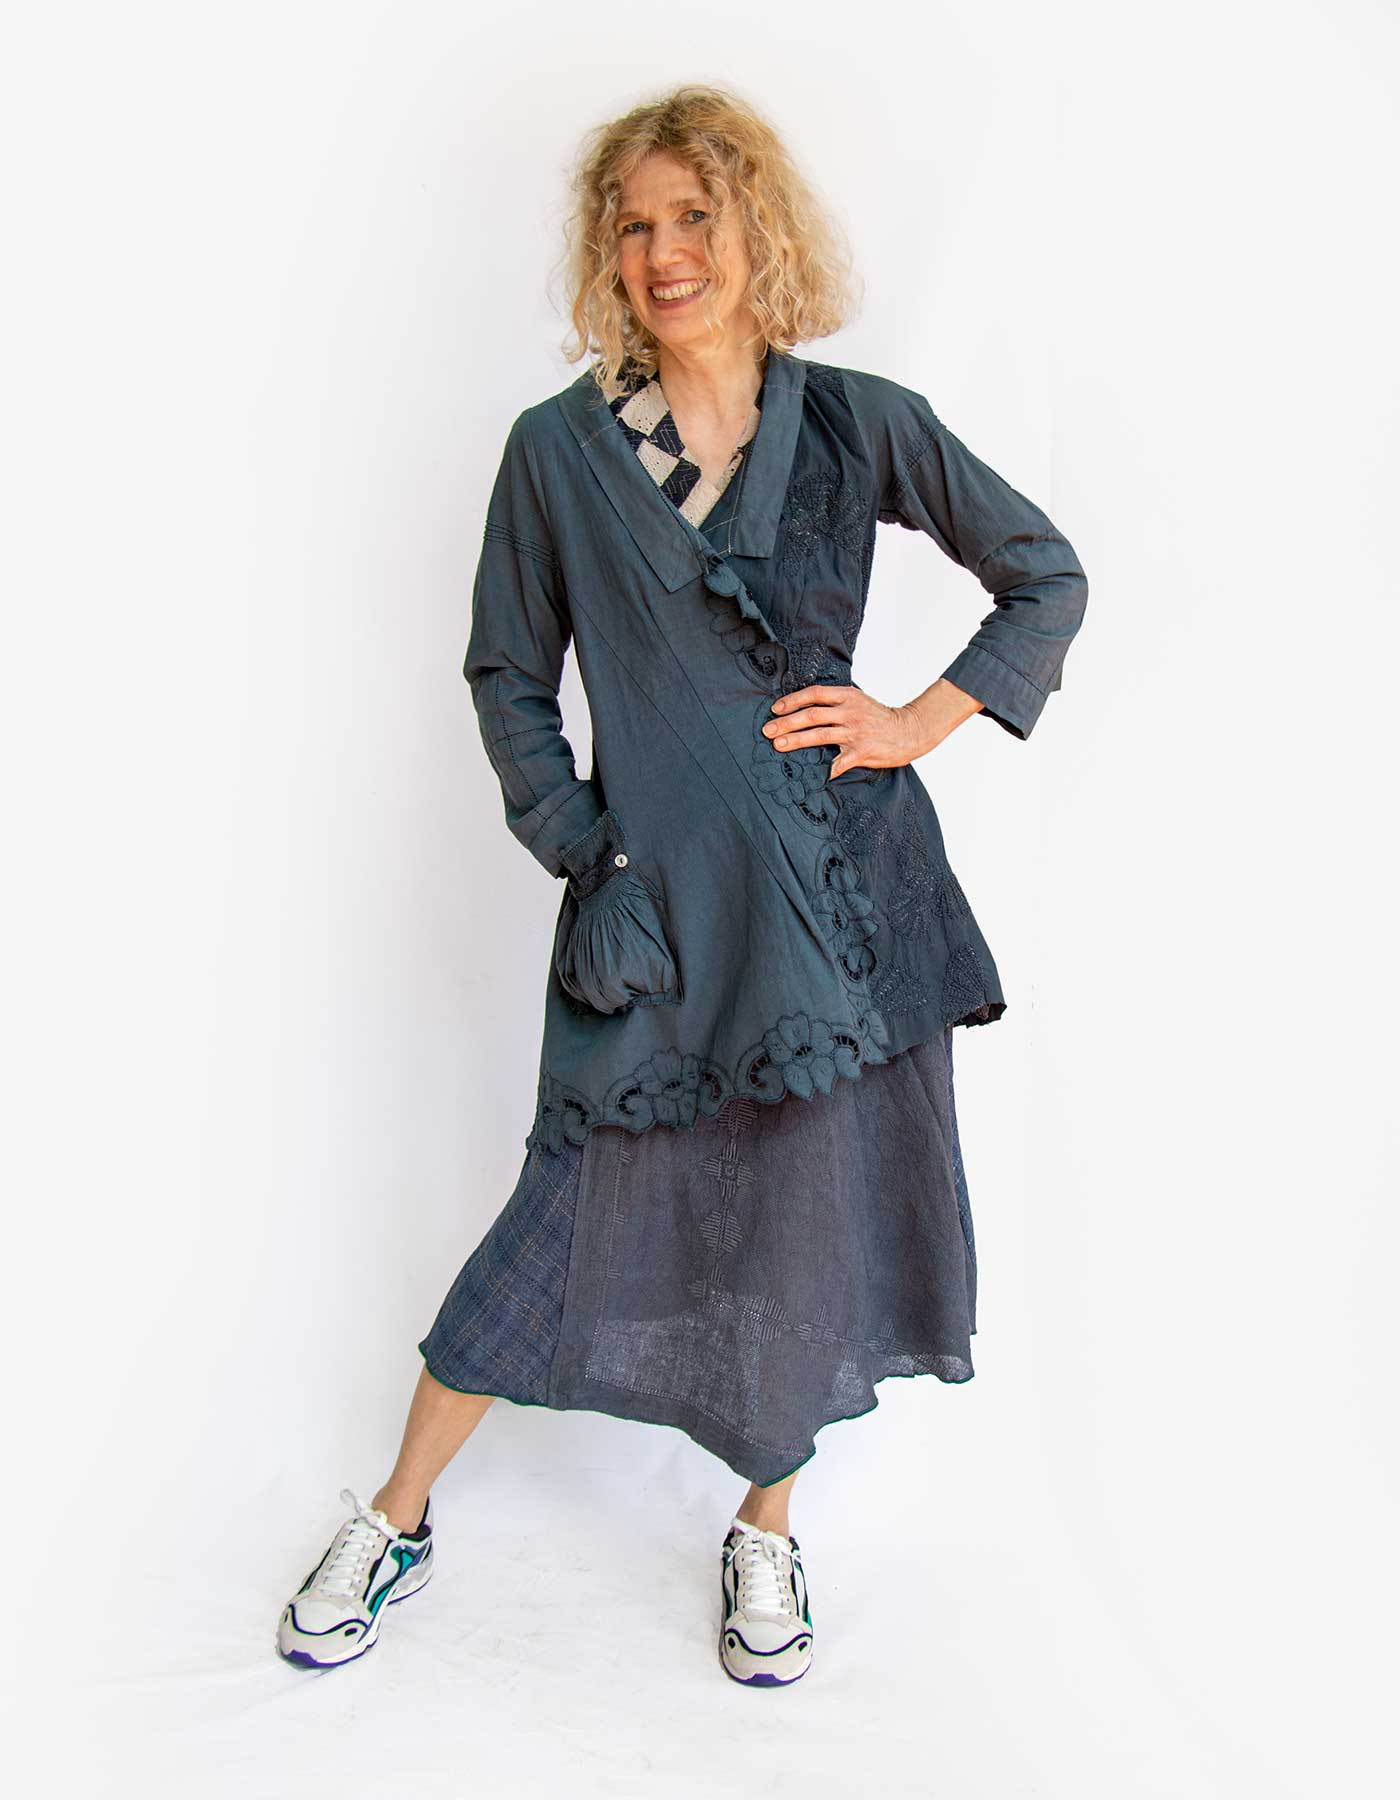 Kleider von Ewa Kuich Karotop aus Baumwolle Patchwork und Rock Upcycling Altes + Neues Leinen blau